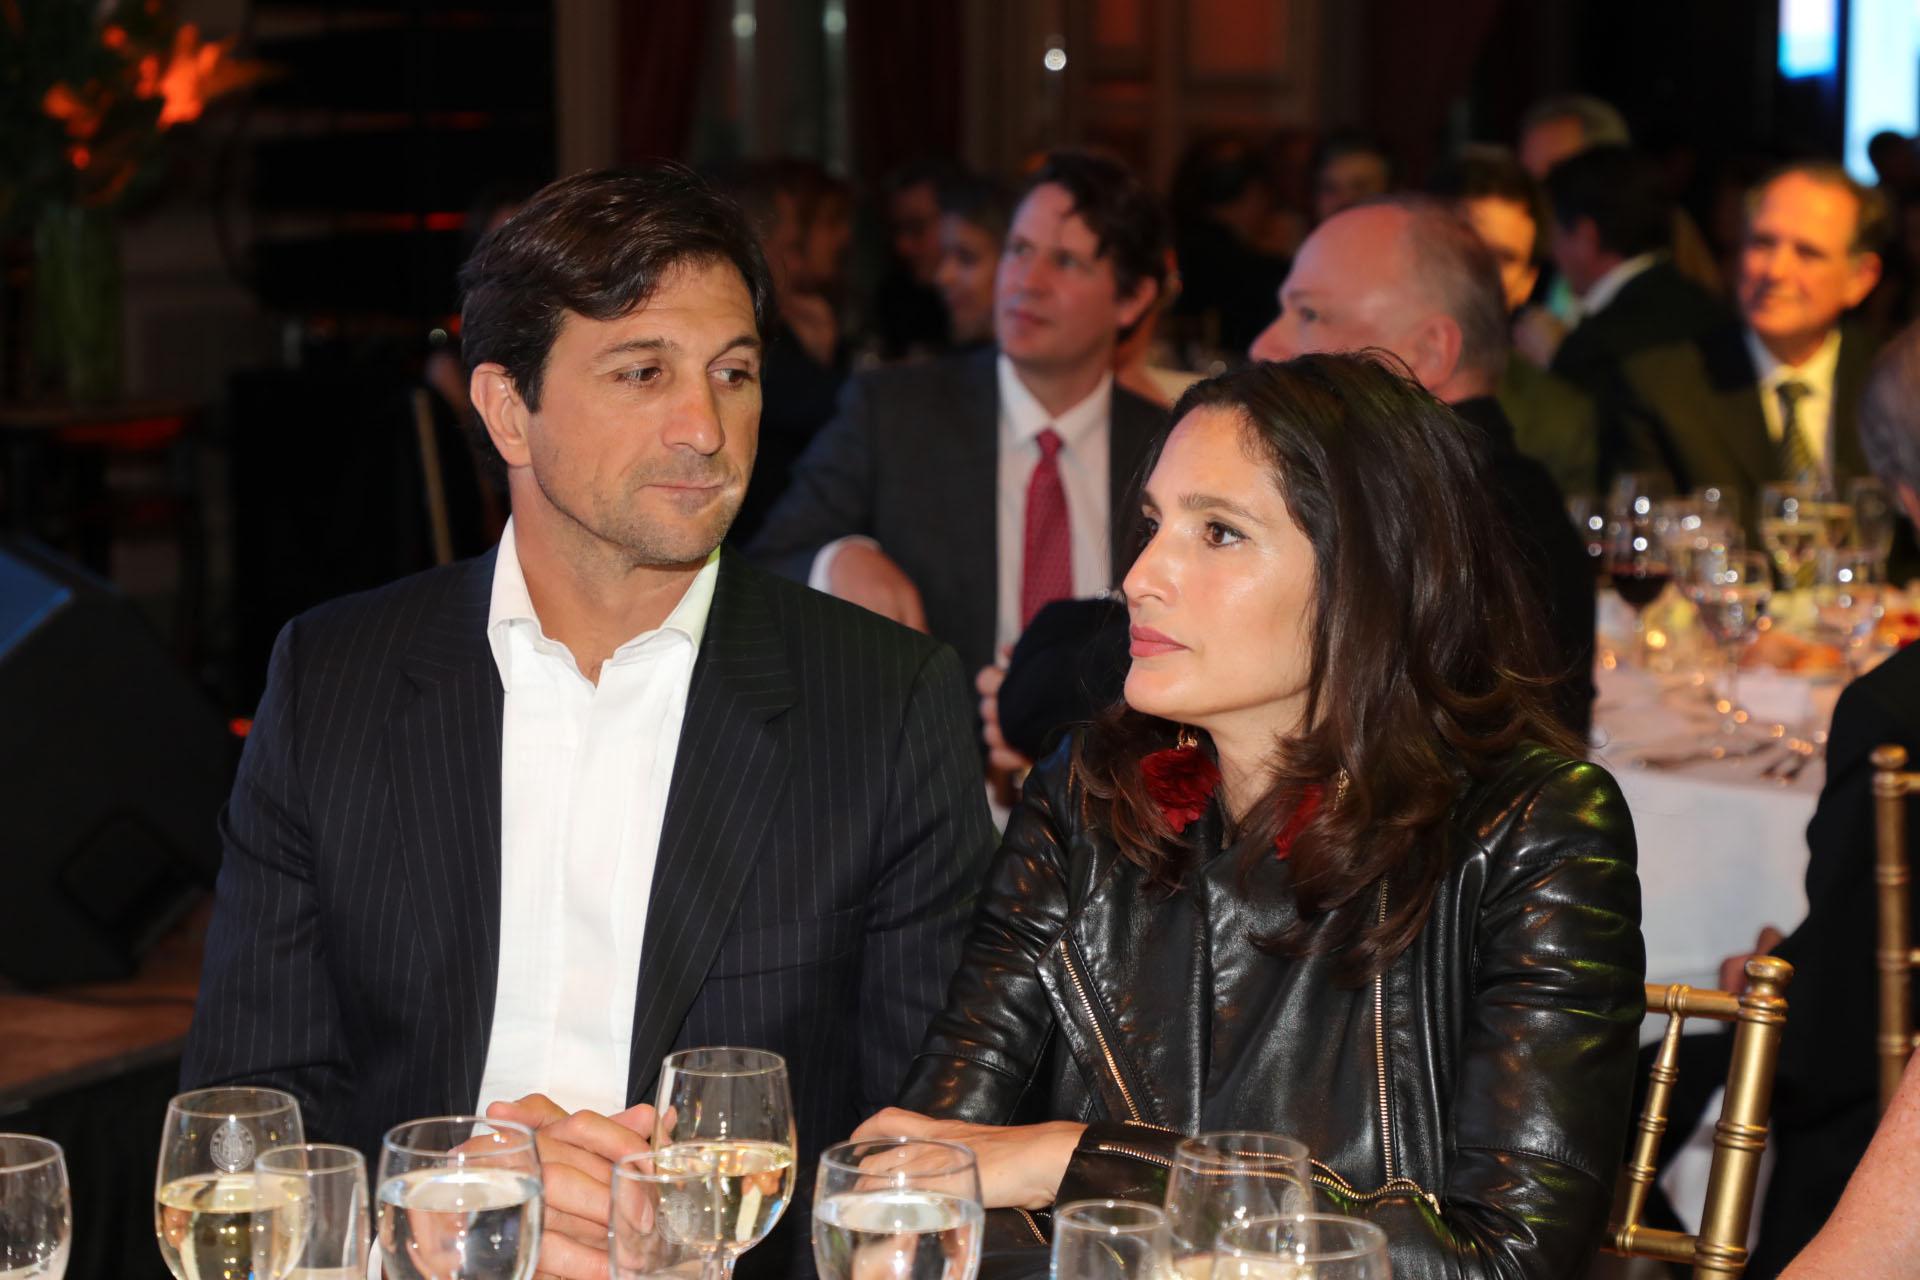 El presidente de la Asociación Argentina de Polo, Eduardo Novillo Astrada, y su mujer